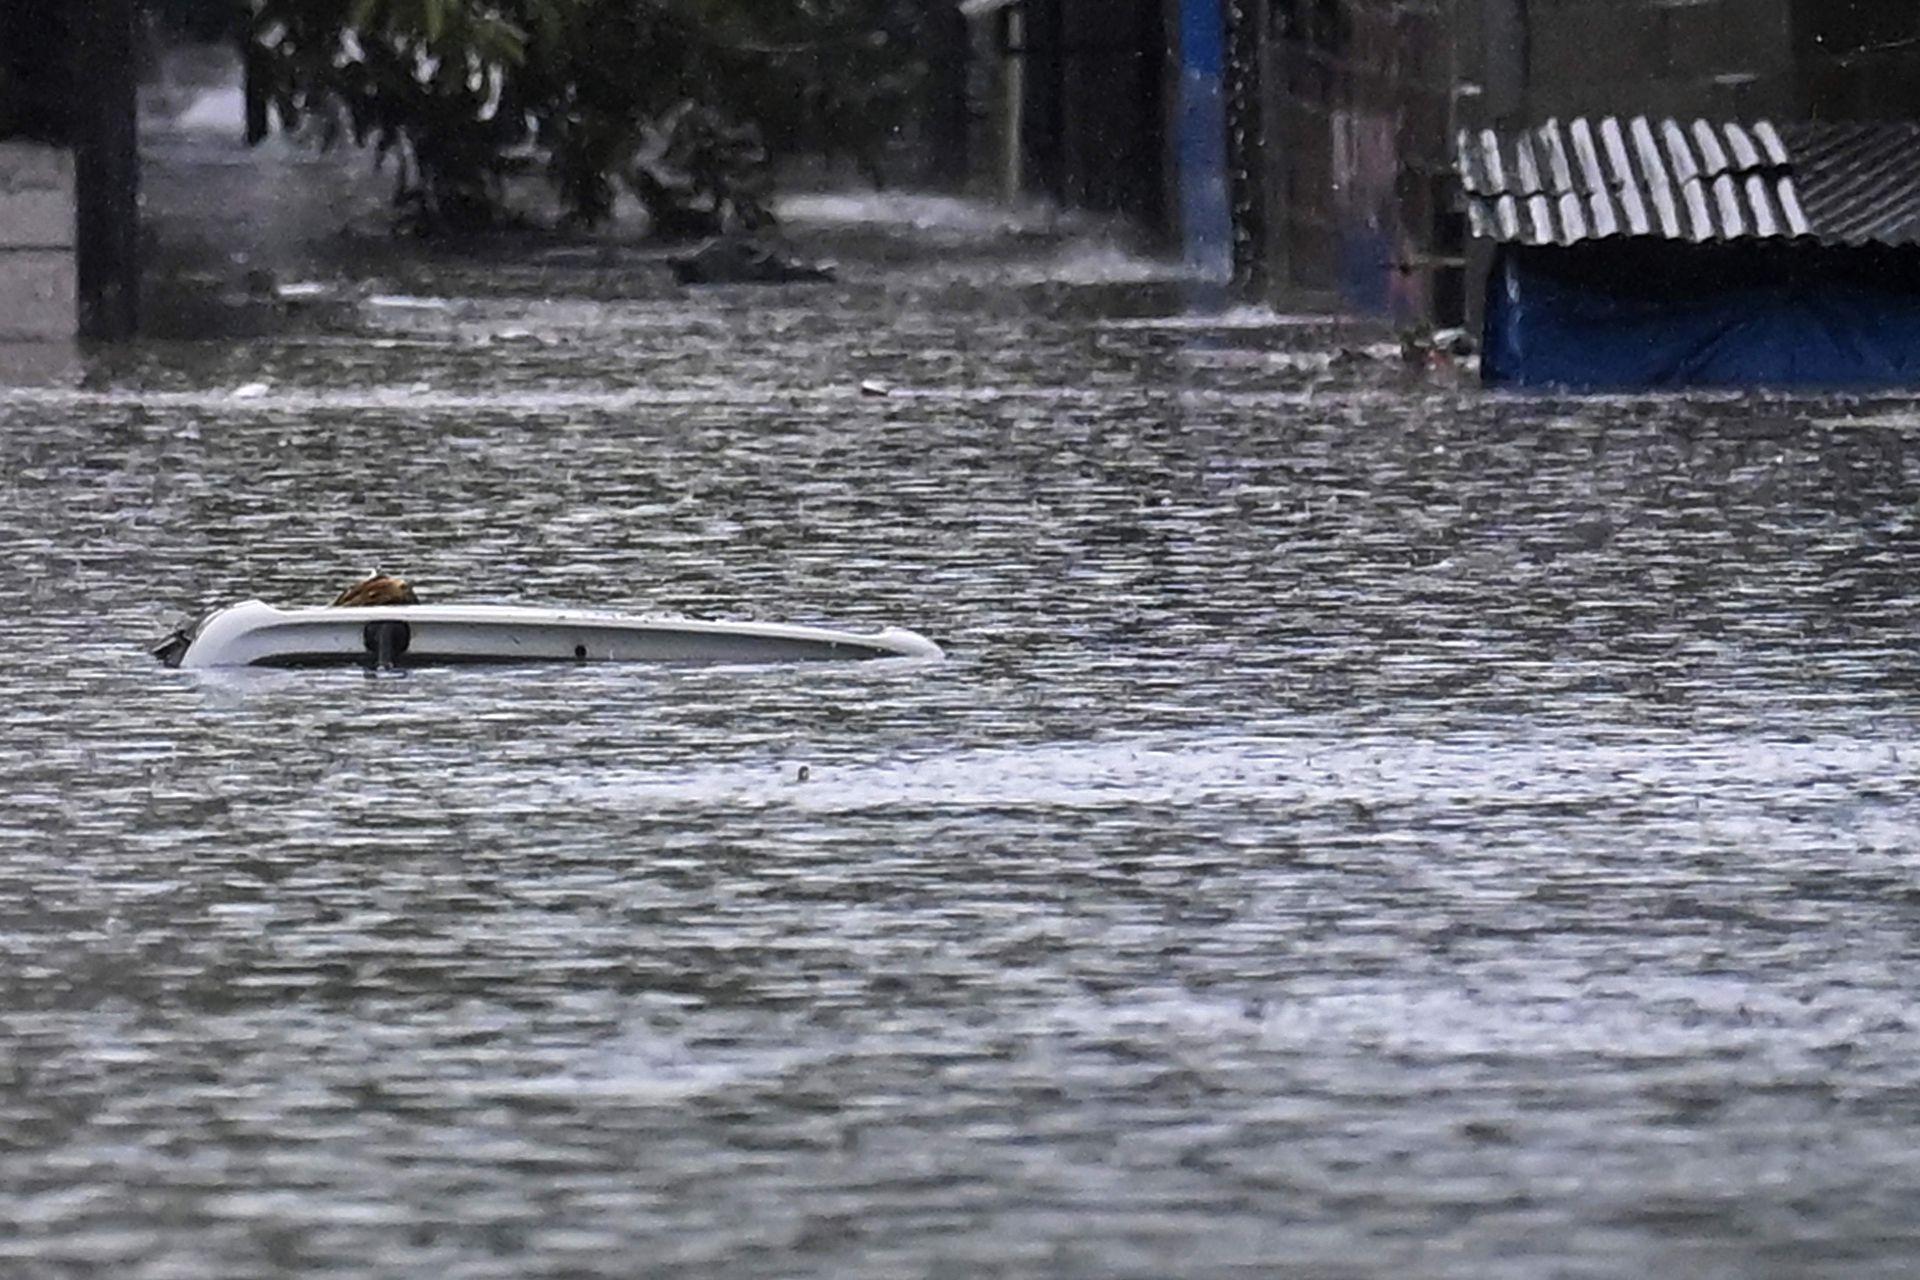 Gran cantidad de autos que no pudieron escapar de la inundación quedaron tapados por el agua